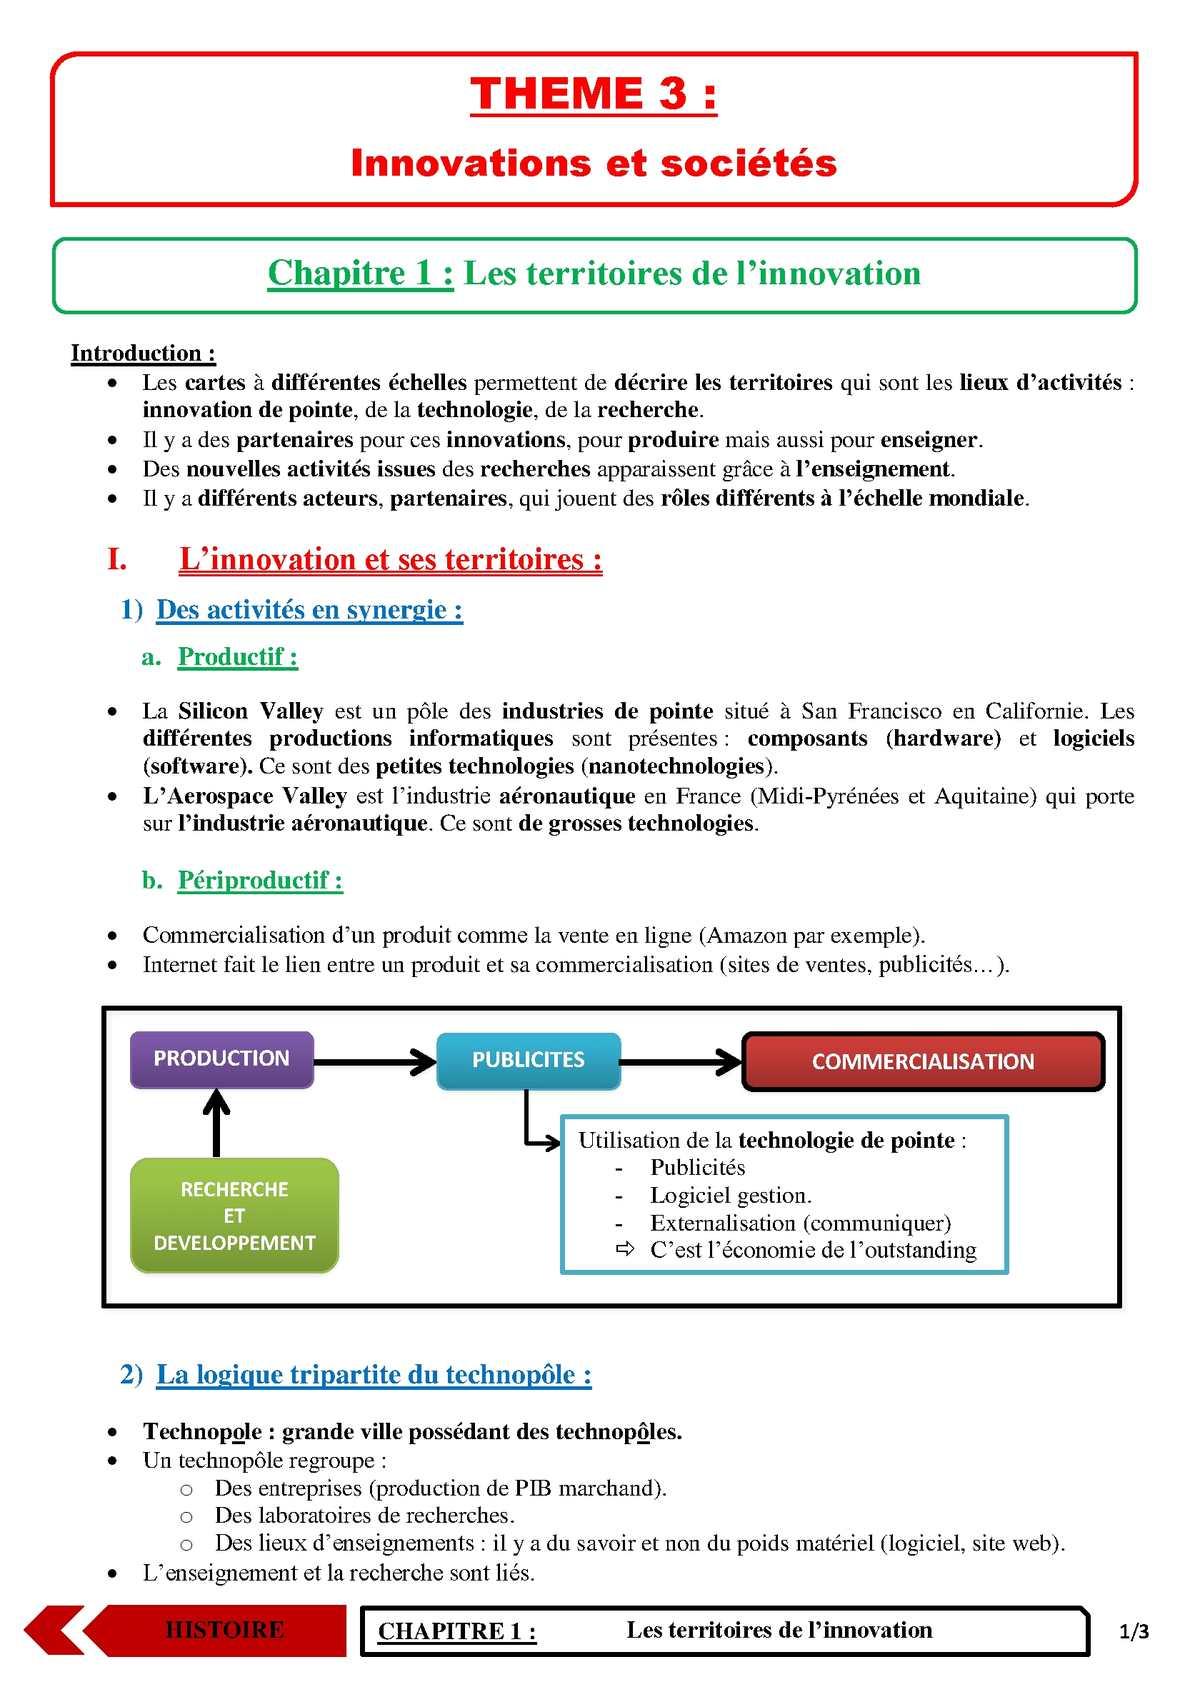 TS - HISTOIRE-GEOGRAPHIE - Chapitre 5 | JéSky.fr